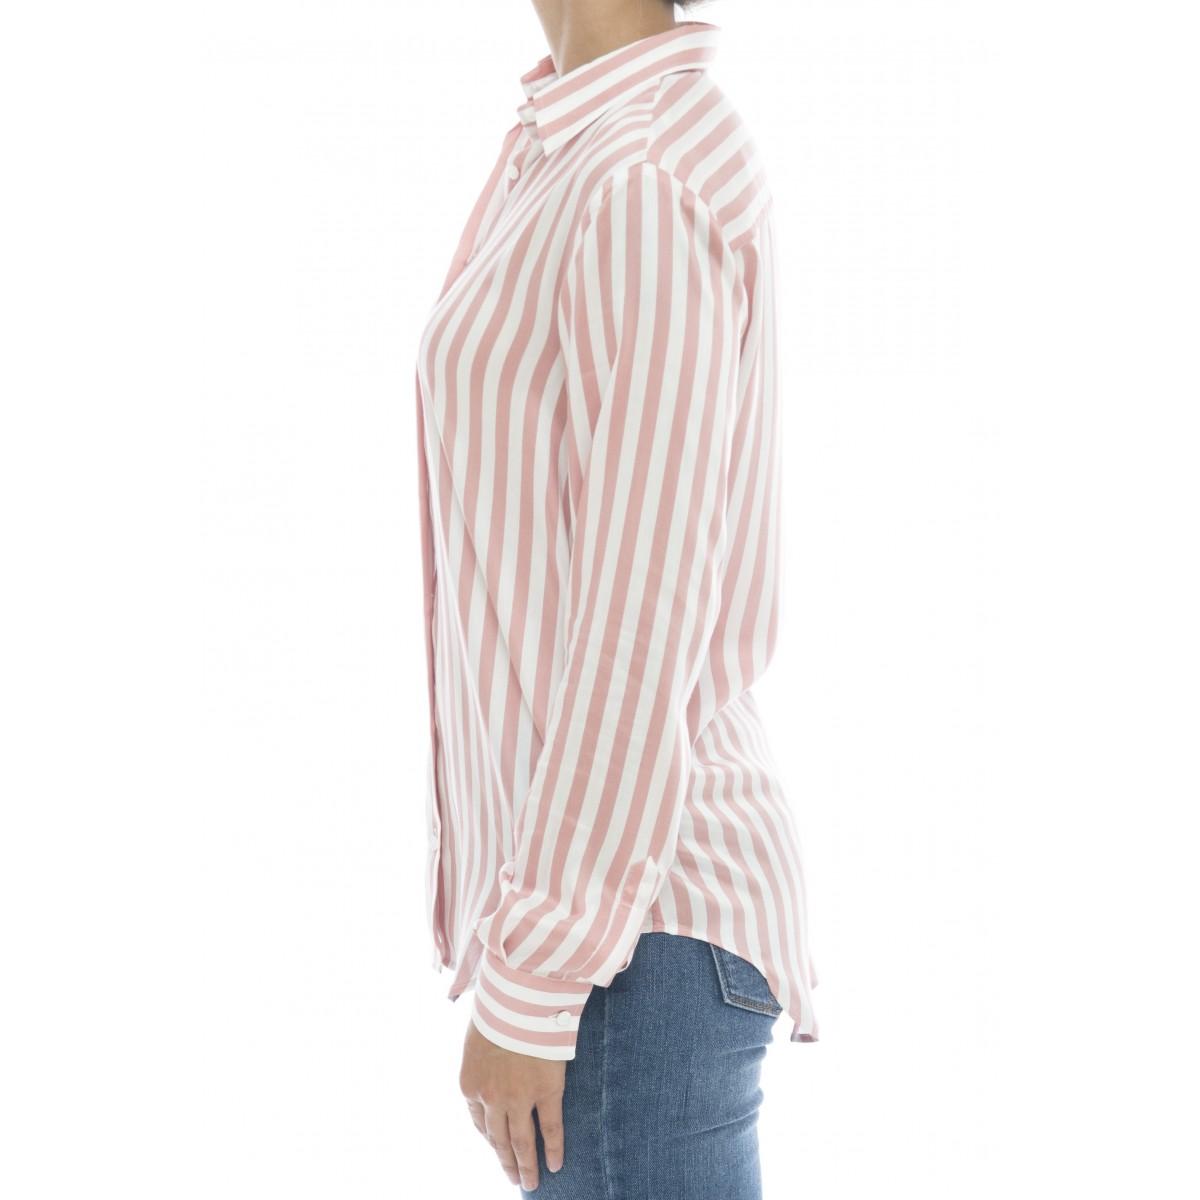 Camicia donna - 1105 65233 camicia cotone seta